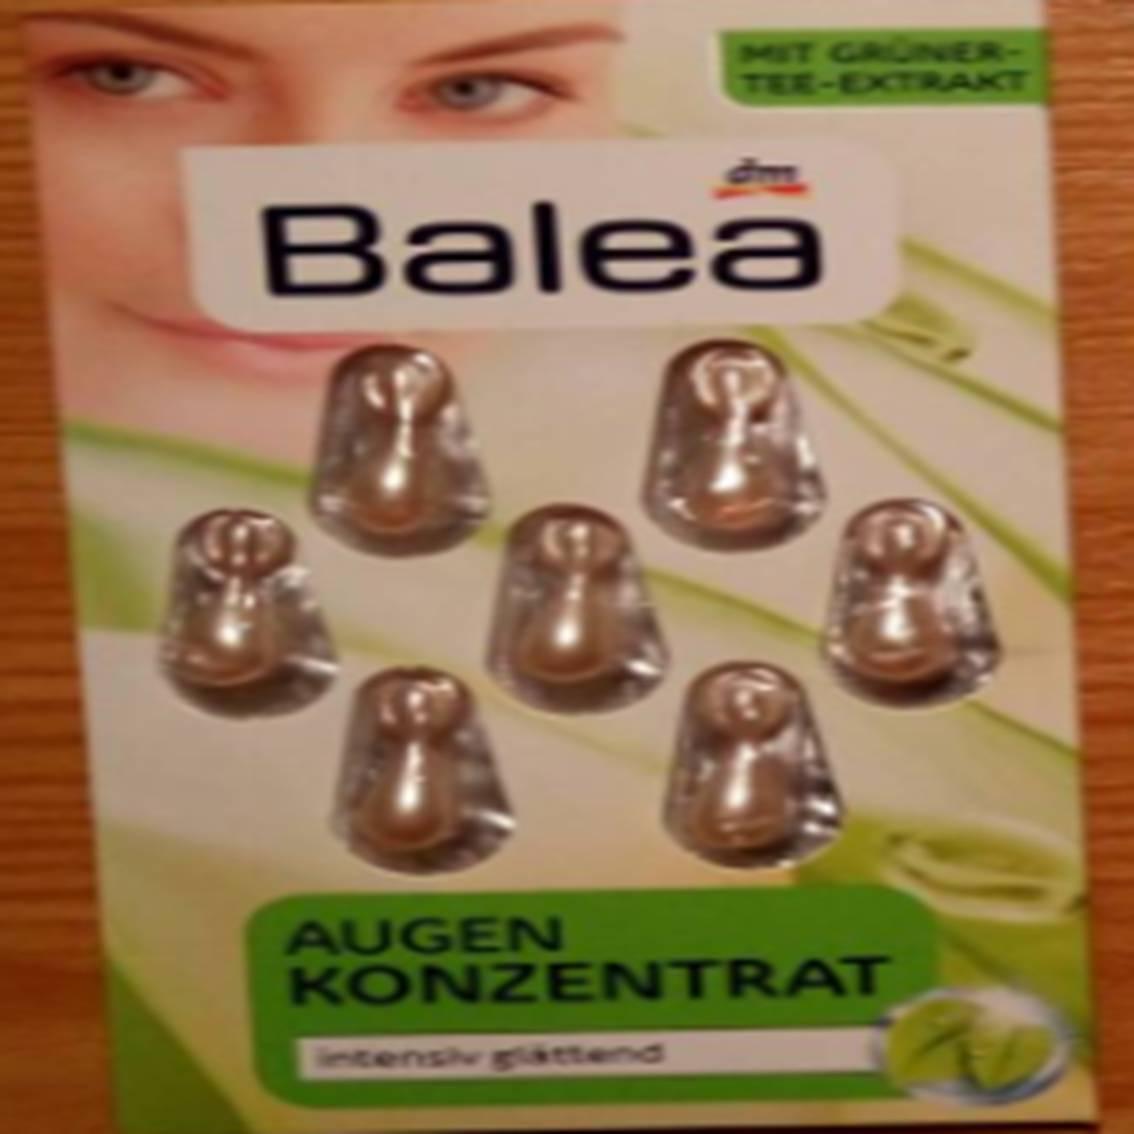 德國  Balea 眼部提拉精華膠囊  樂活生活館